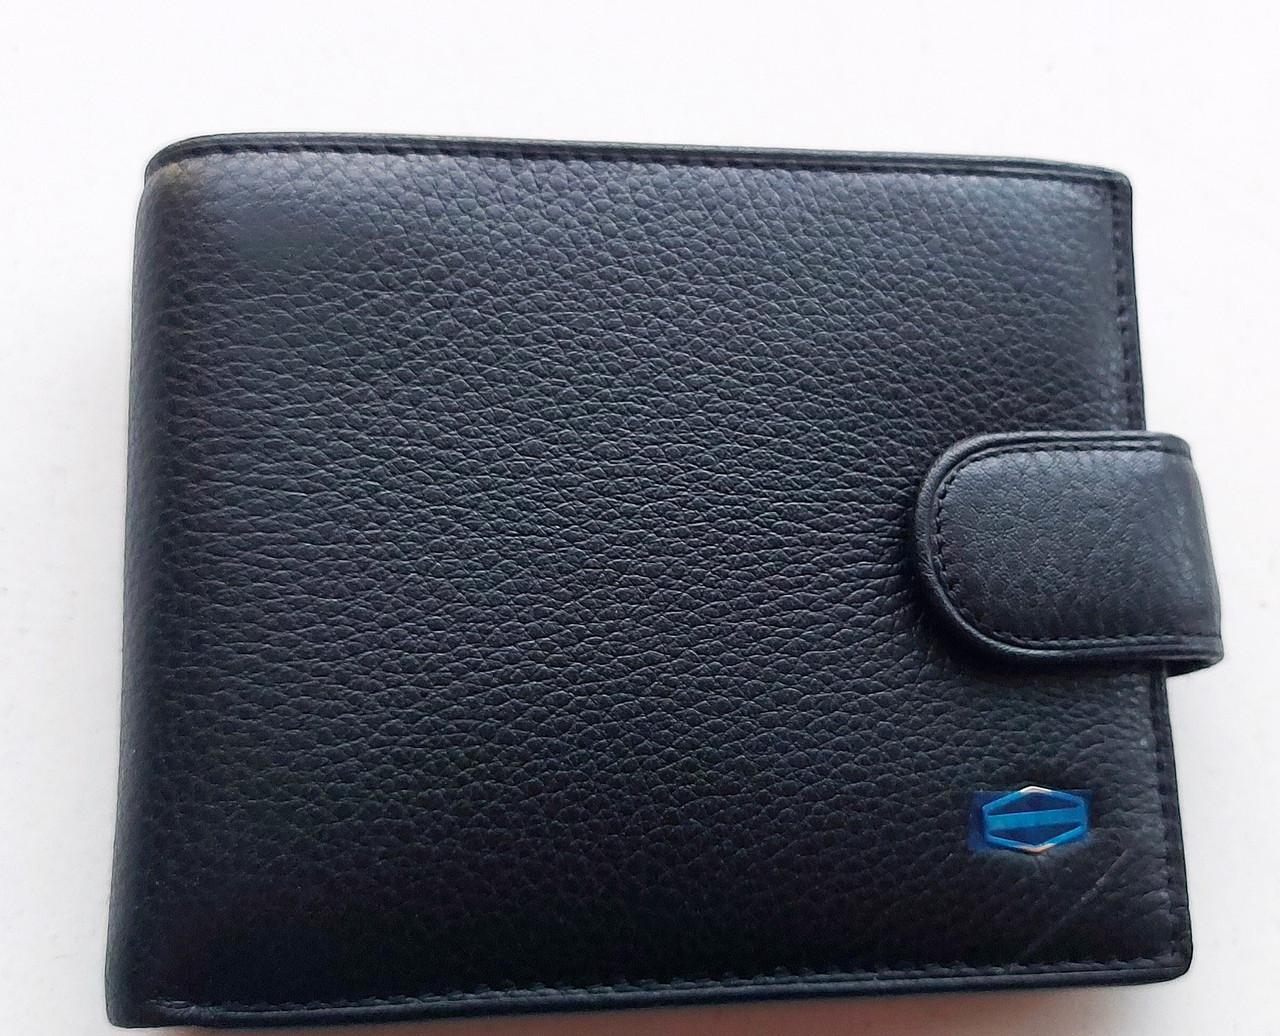 Мужское кожаное портмоне BA 2-25 black, купить мужское портмоне Balisa недорого в Украине